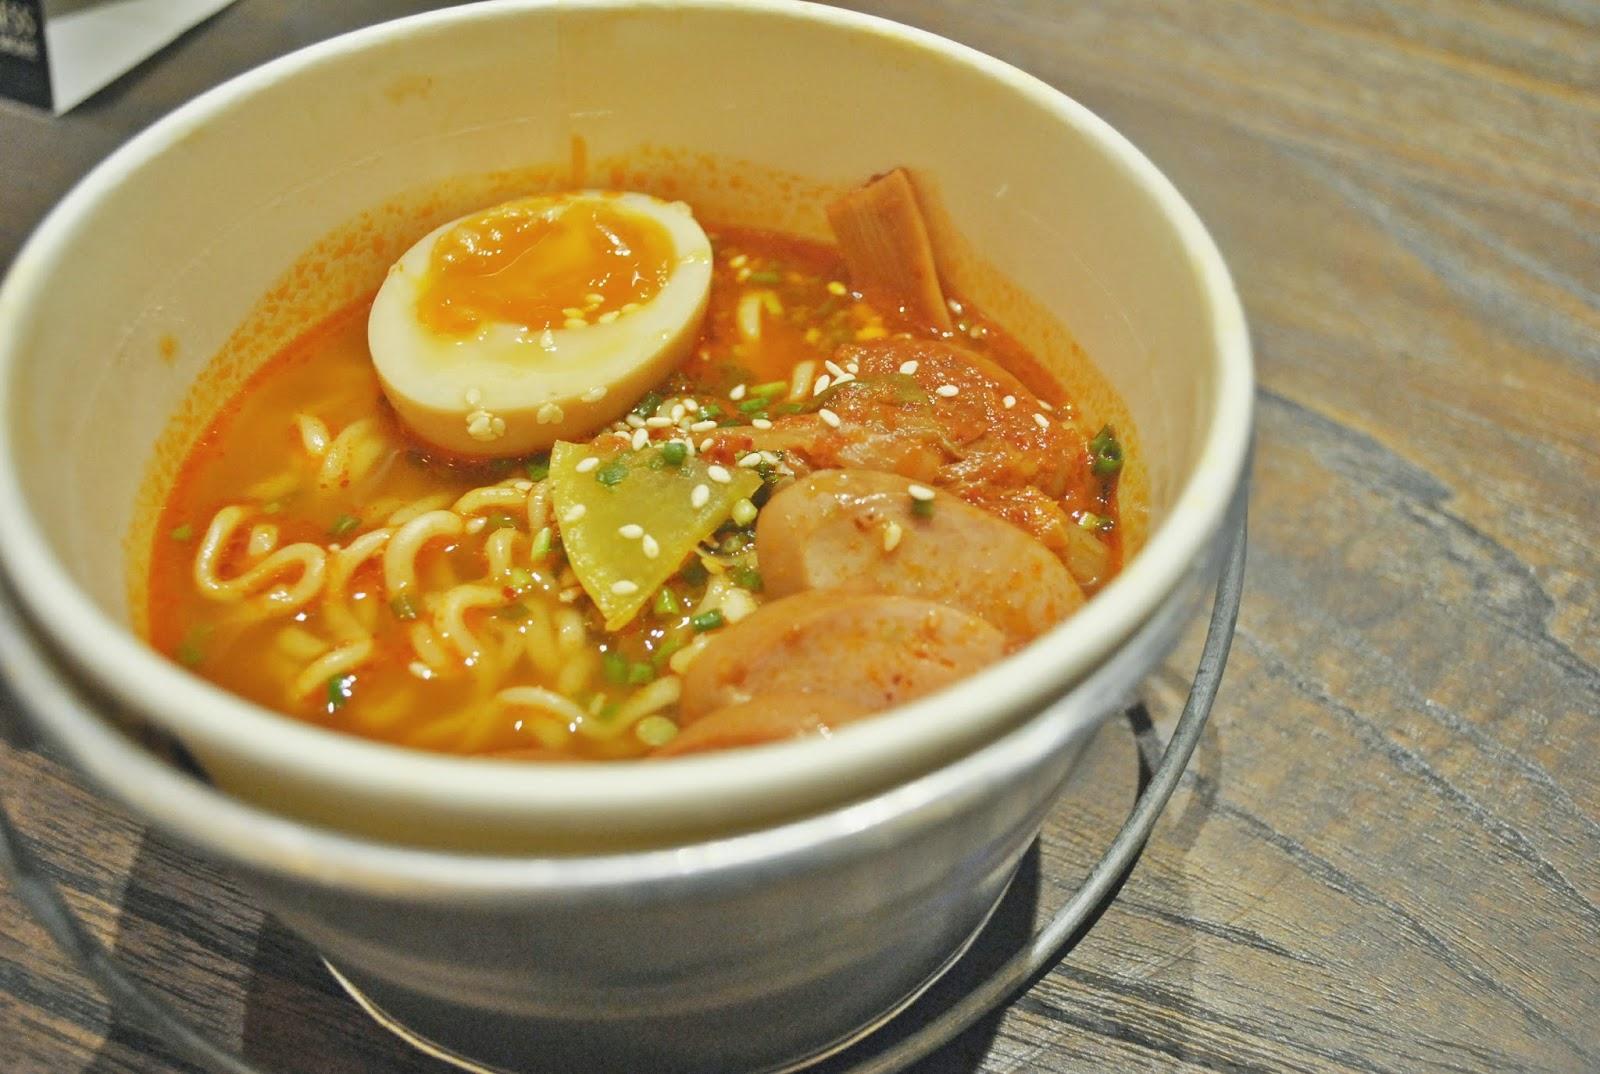 Sinsa Ramyun Kemang : Kuning-kuning Gemay - Kimchi Ramyun Soup 2